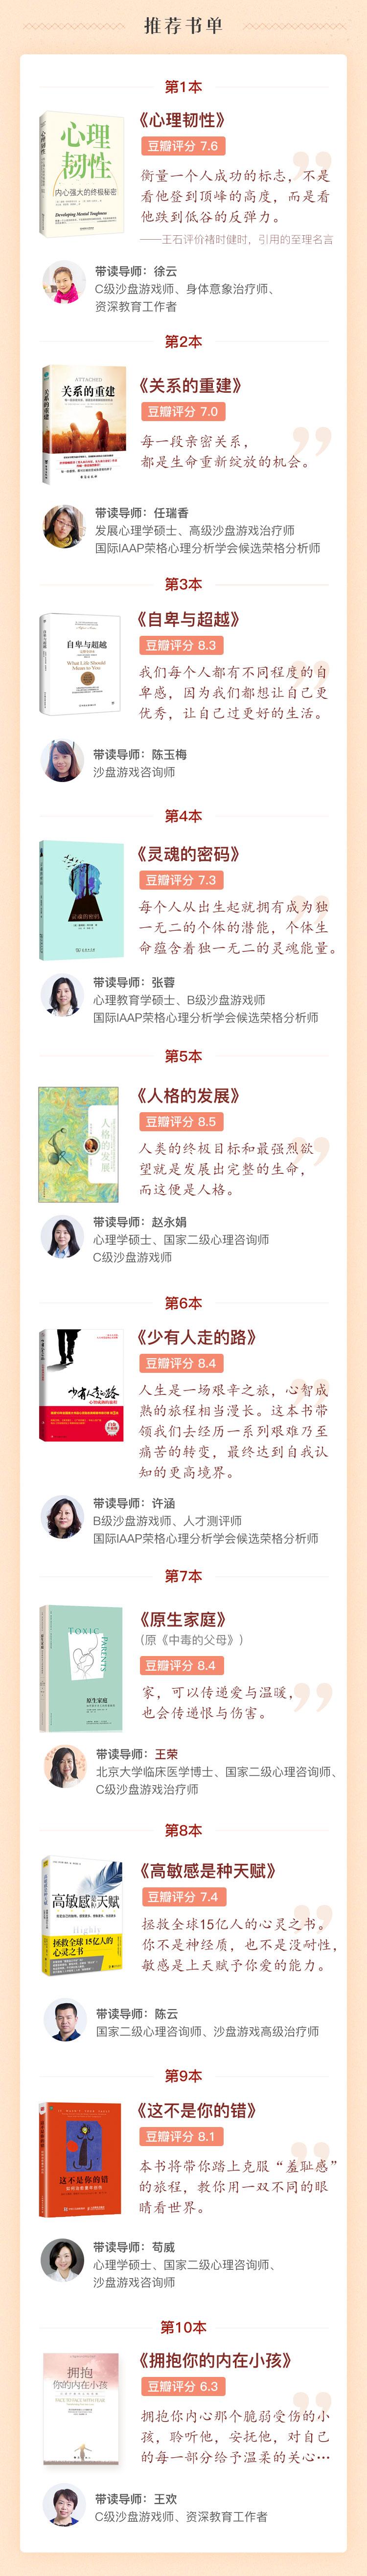 http://mtedu-img.oss-cn-beijing-internal.aliyuncs.com/ueditor/20190611170933_795879.jpg